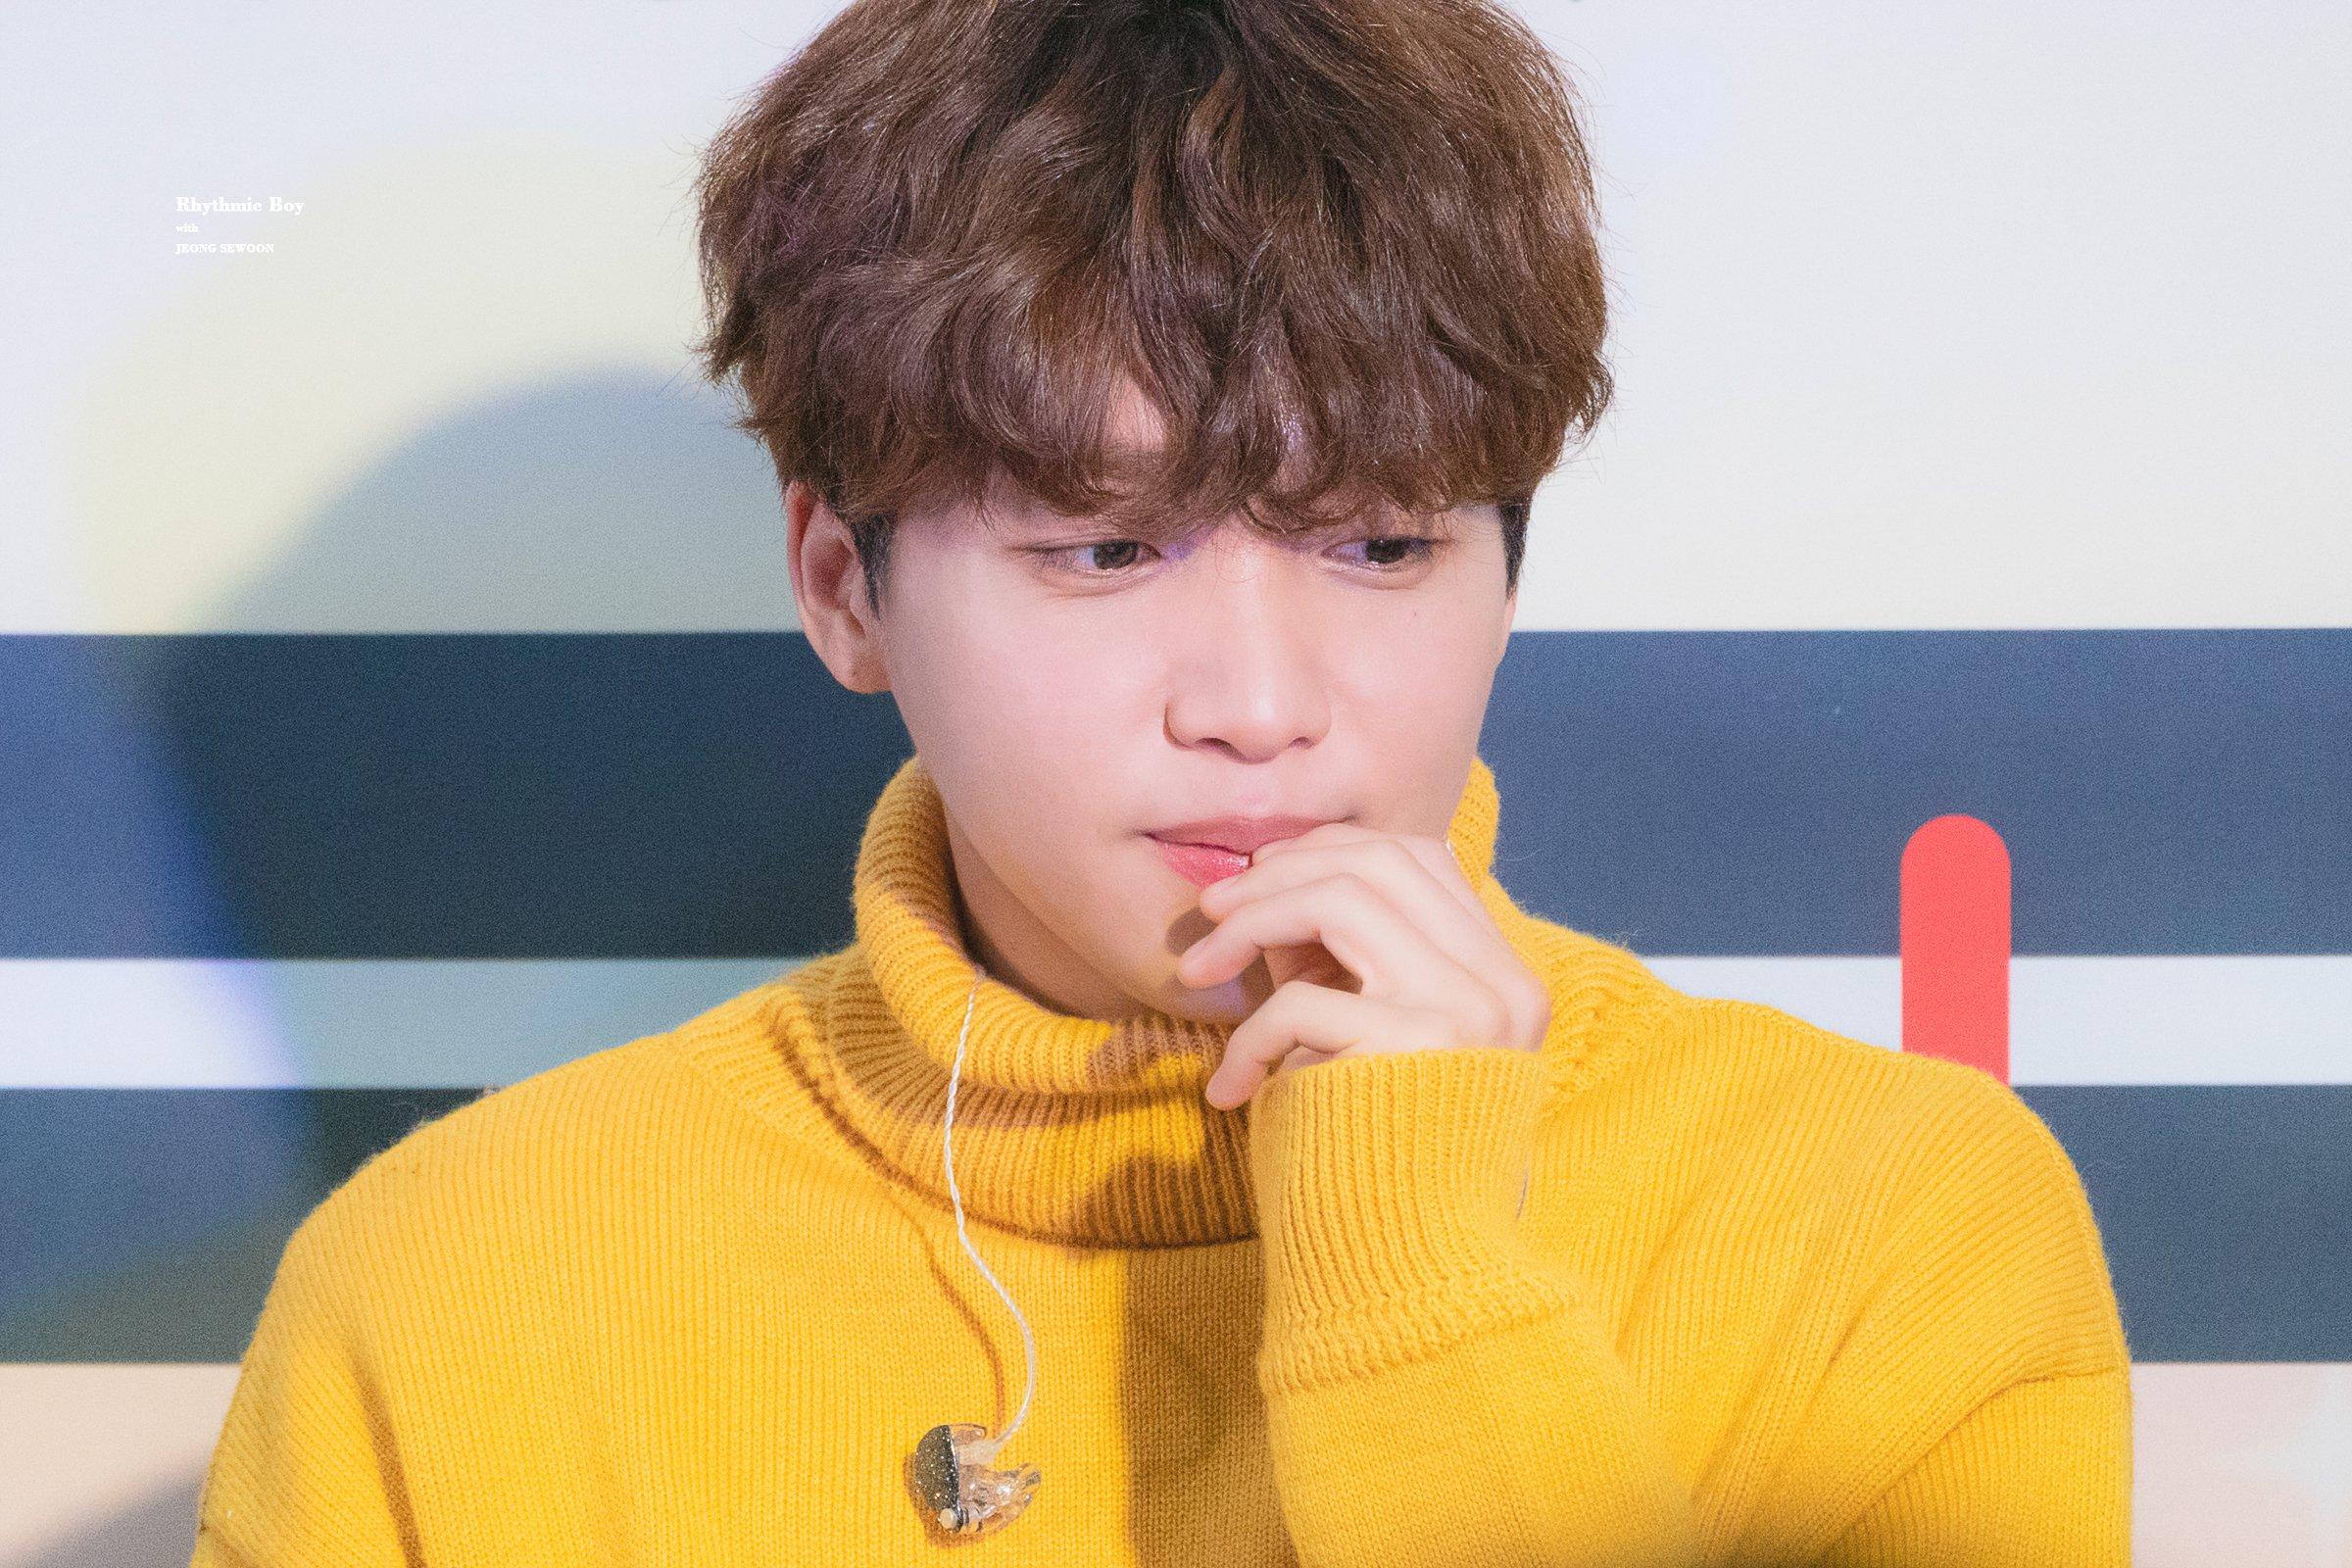 30일(수), 🍀정세운🍀 KBS Cool FM <강한나의 볼륨을 높여요> | 인스티즈